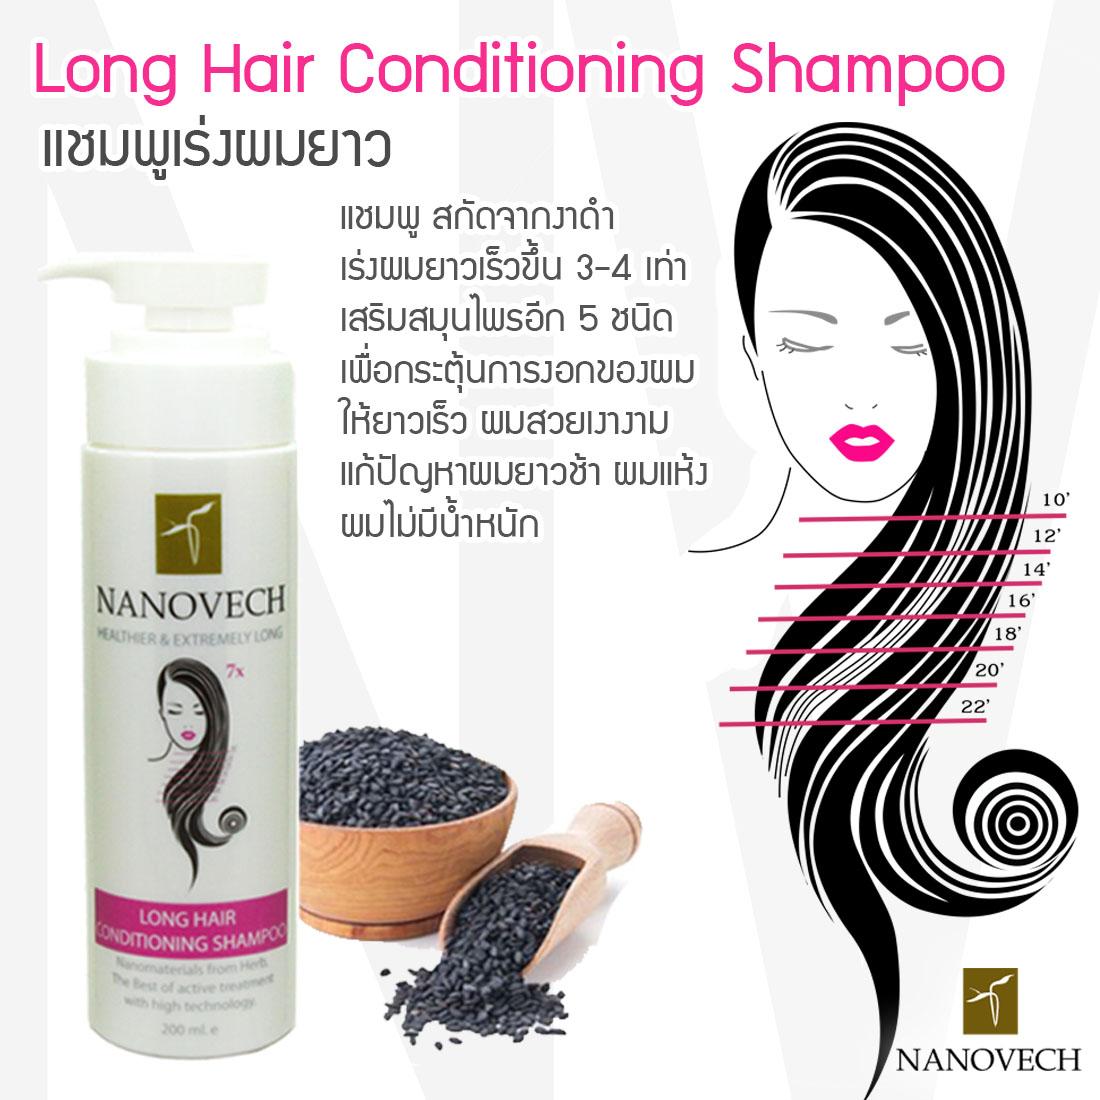 แชมพูเร่งผมยาว Long Hair Shampoo ขนาด 200 ml.